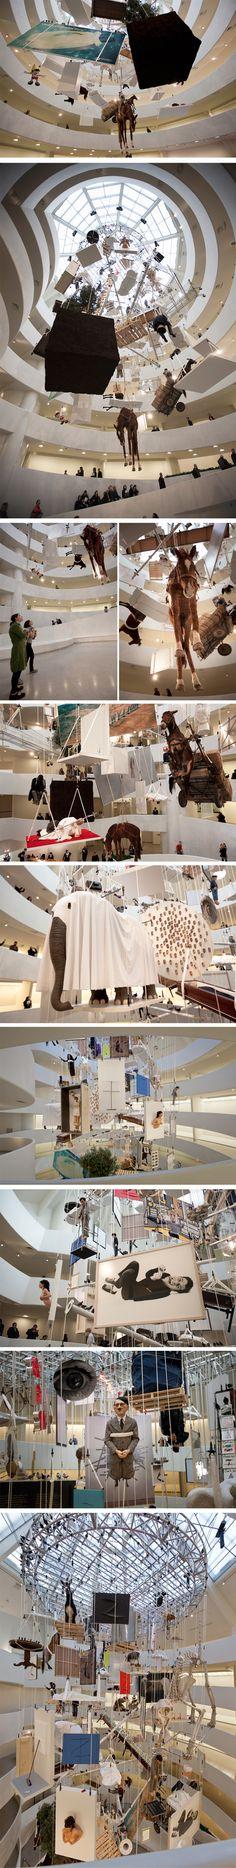 Rétrospective Maurizio Cattelan au Guggenheim de New York - Journal du Design New York, Exhibition Space, Italian Art, Art Furniture, Land Art, Conceptual Art, Art Plastique, Bait, Exhibitions